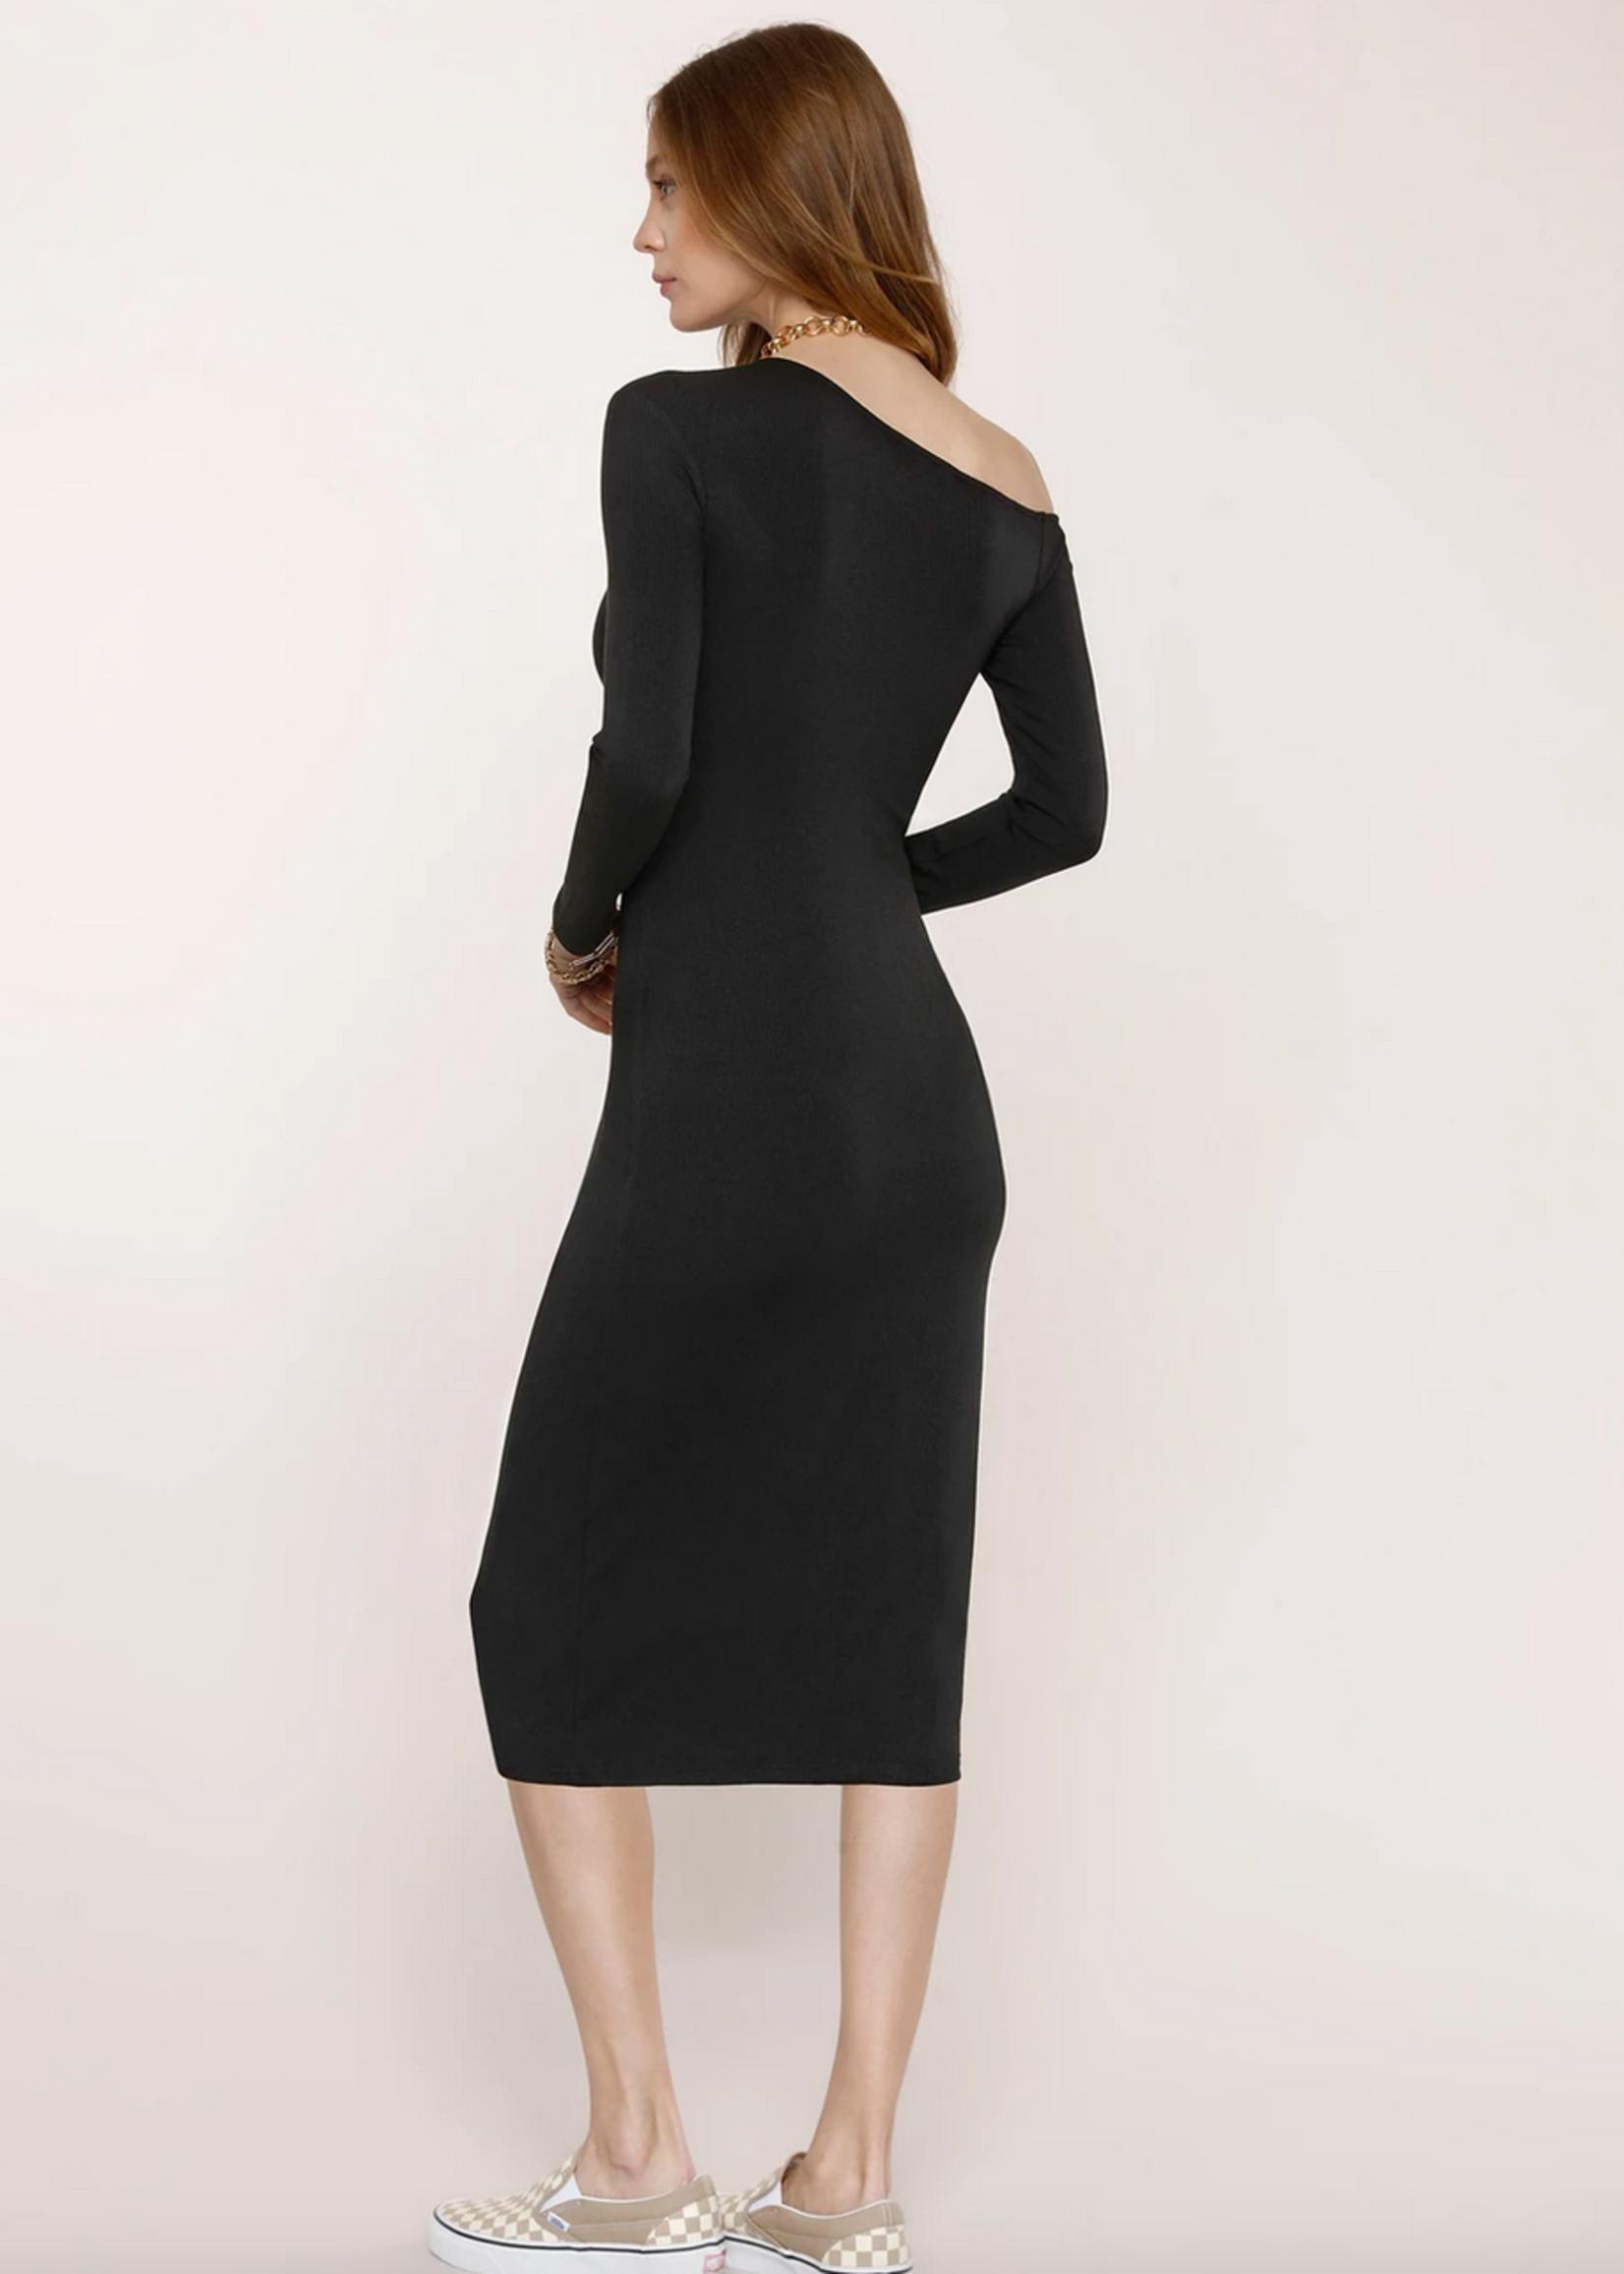 Elitaire Boutique Larisa Dress